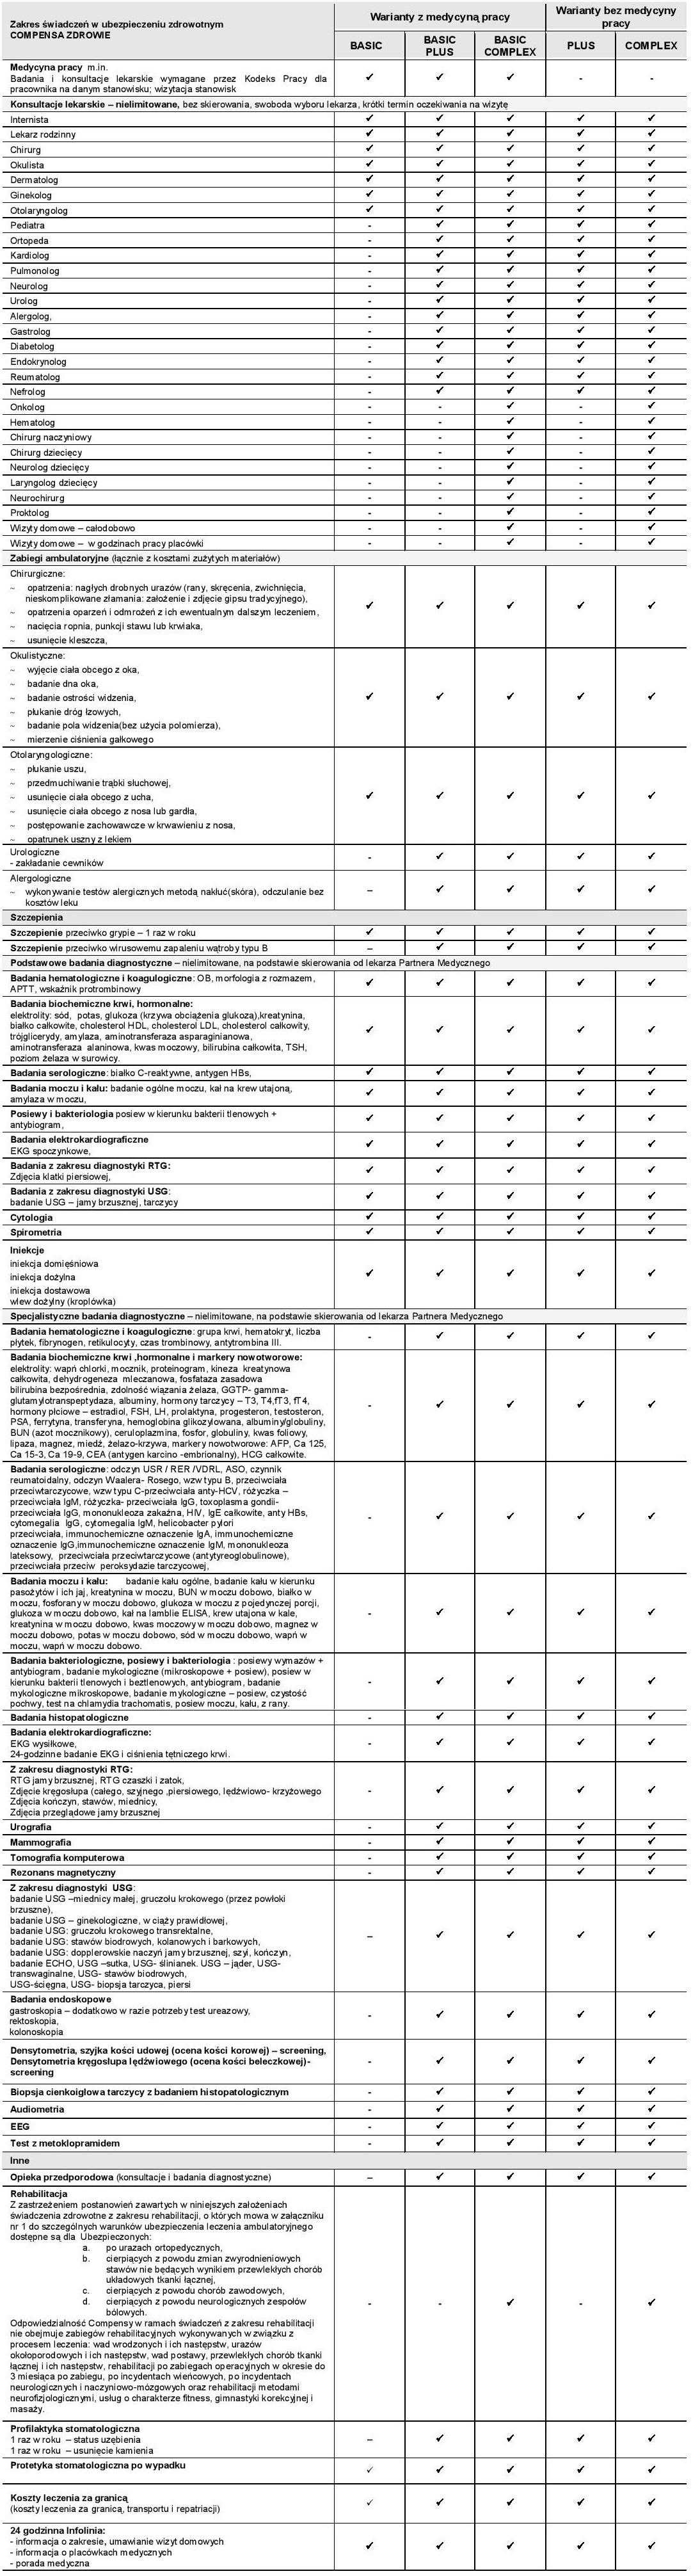 Oferta pakietowa dla MSP Compensa Zdrowie-page-003